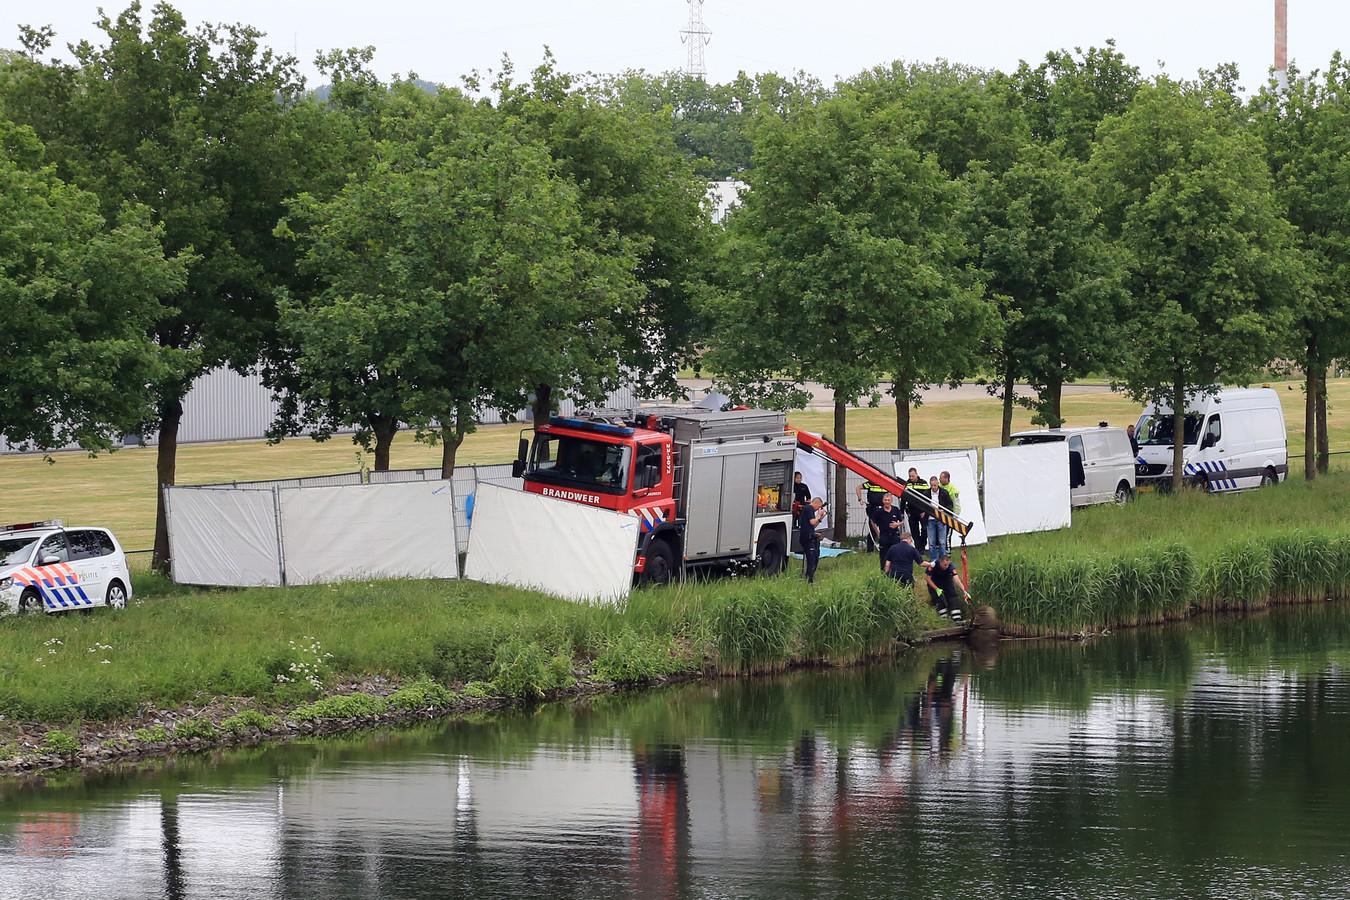 Politie en brandweer halen op 19 mei 2016 het lichaam van Bart Hillen uit het kanaal bij Helmond. Een week later werd zijn zoon opgepakt en uiteindelijk veroordeeld tot twintig jaar cel